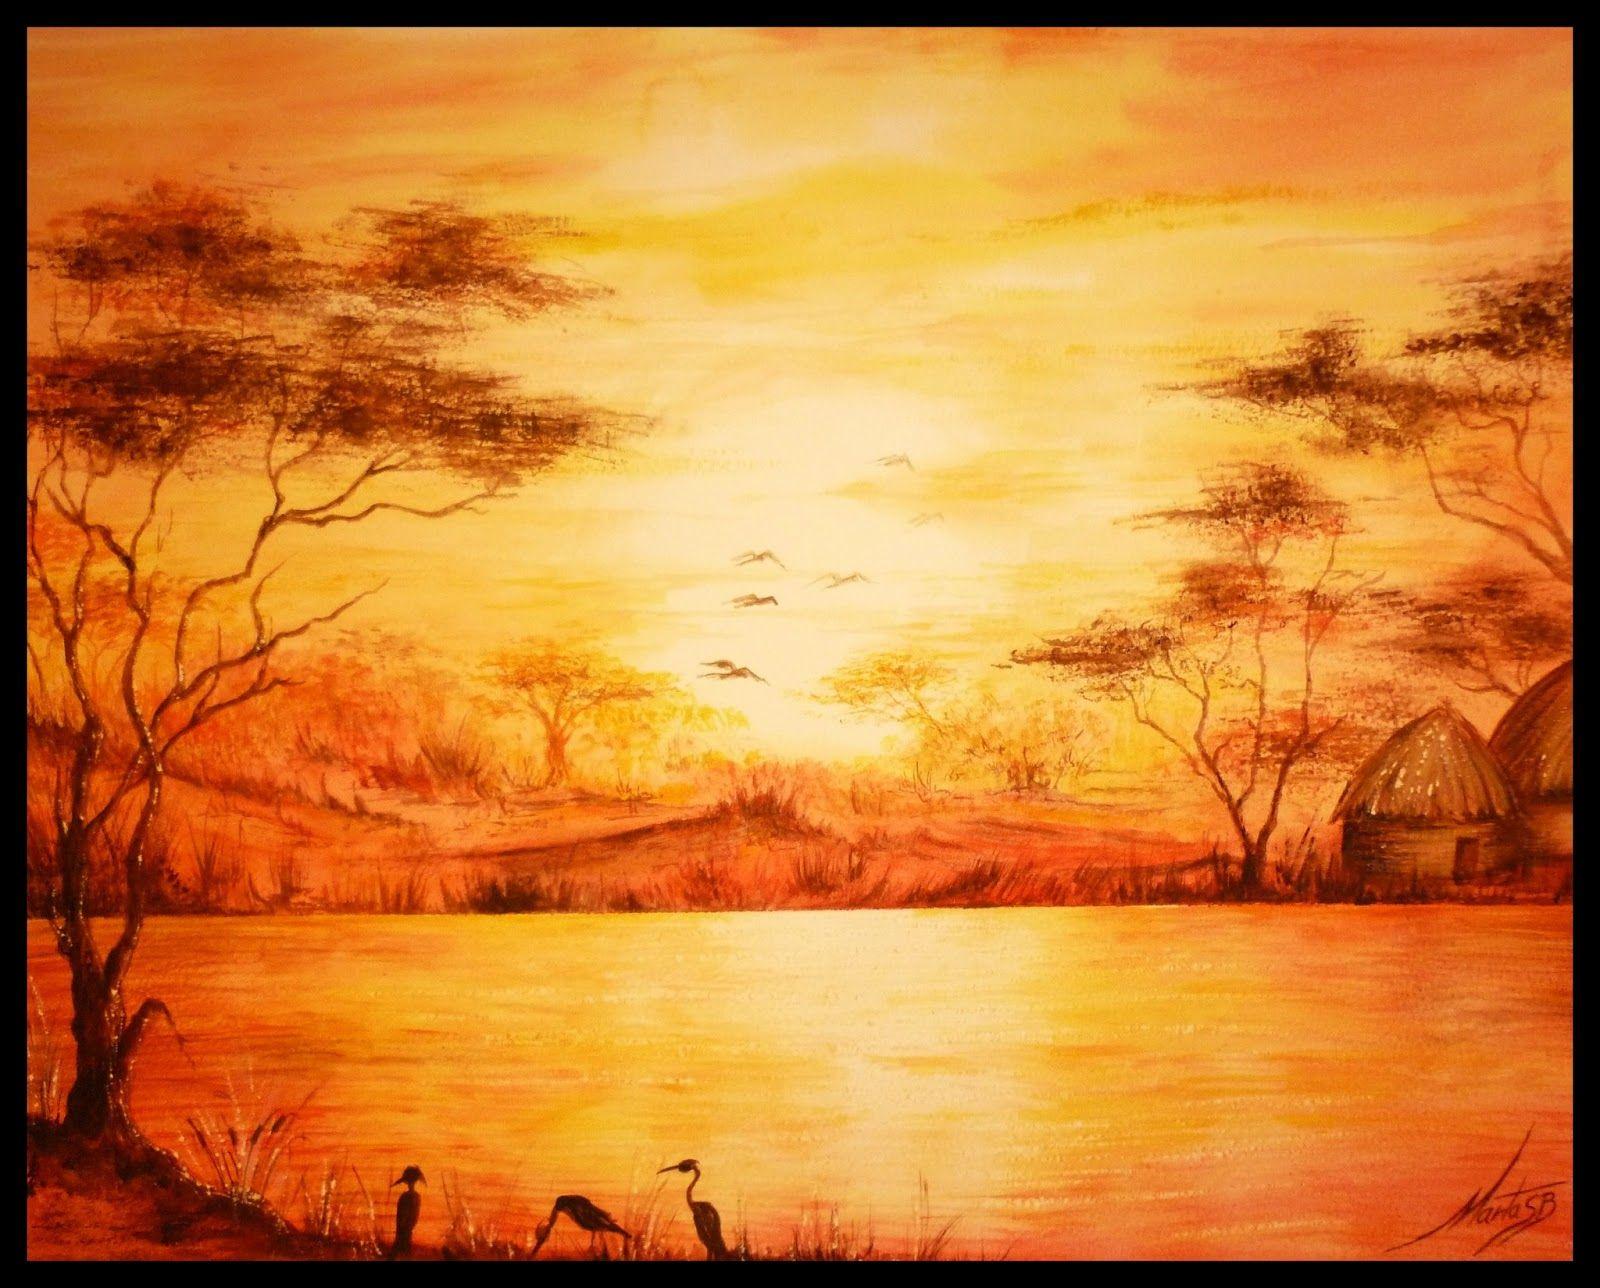 Colores Cálidos Aquí Muestro Un Cuadro De Marta Santa Basilisa Realizado únicamente Con Colores Calientes Distintos Paisajes Paisaje Japon Colores Cálidos